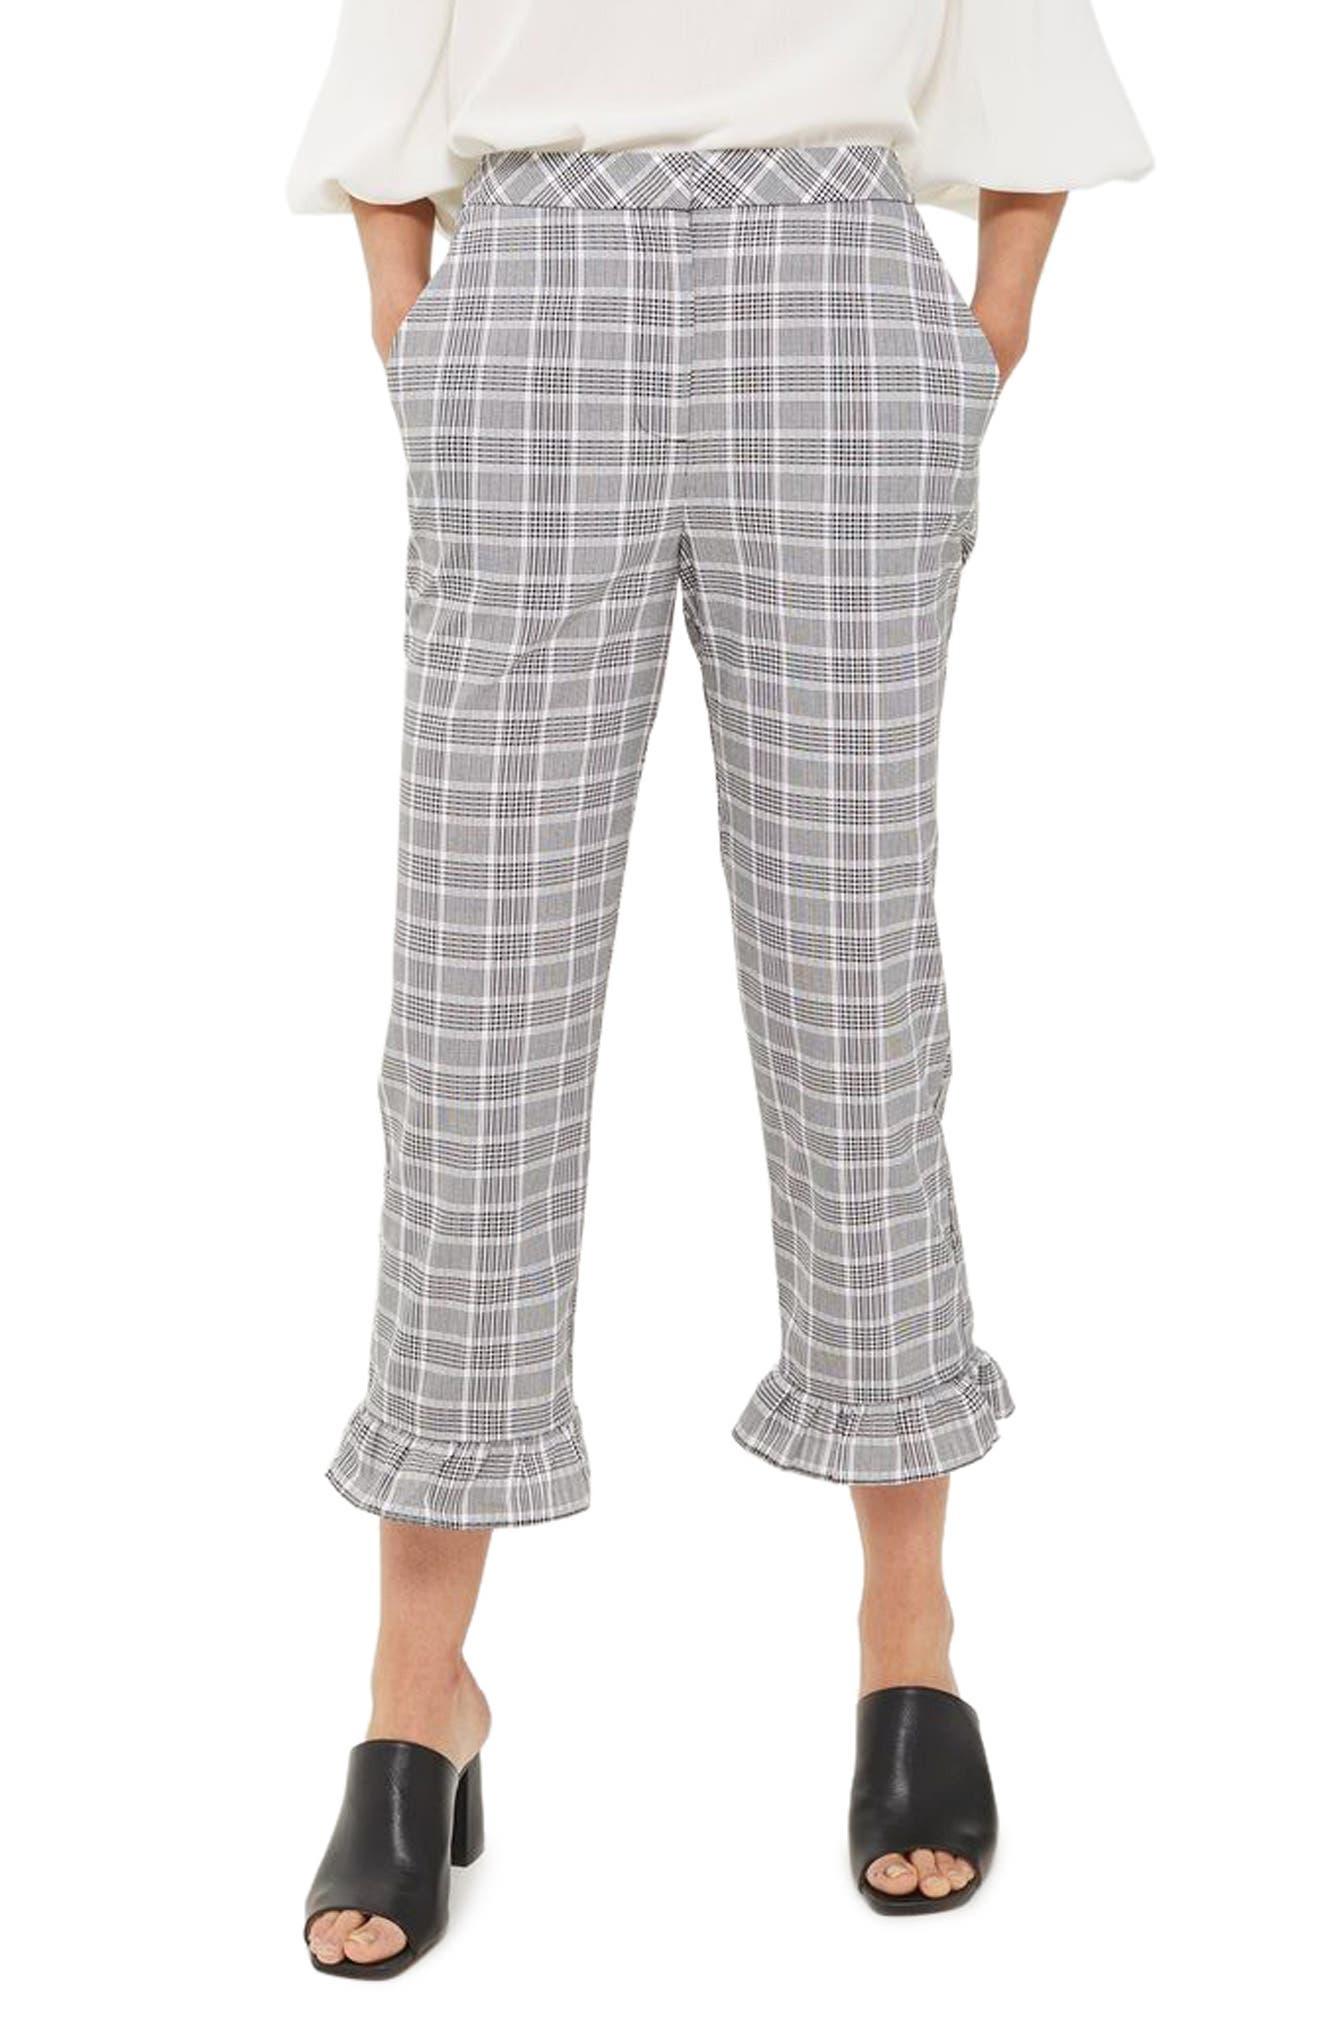 Alternate Image 1 Selected - Topshop Slim Fit Check Ruffle Capri Pants